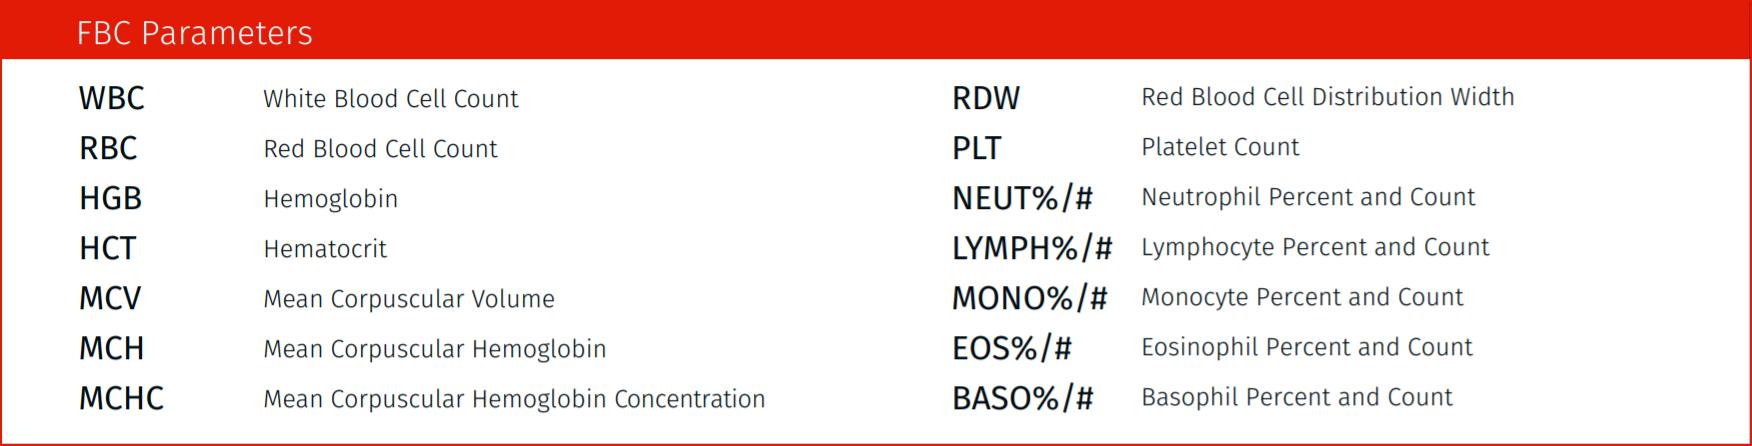 FBC Parameters